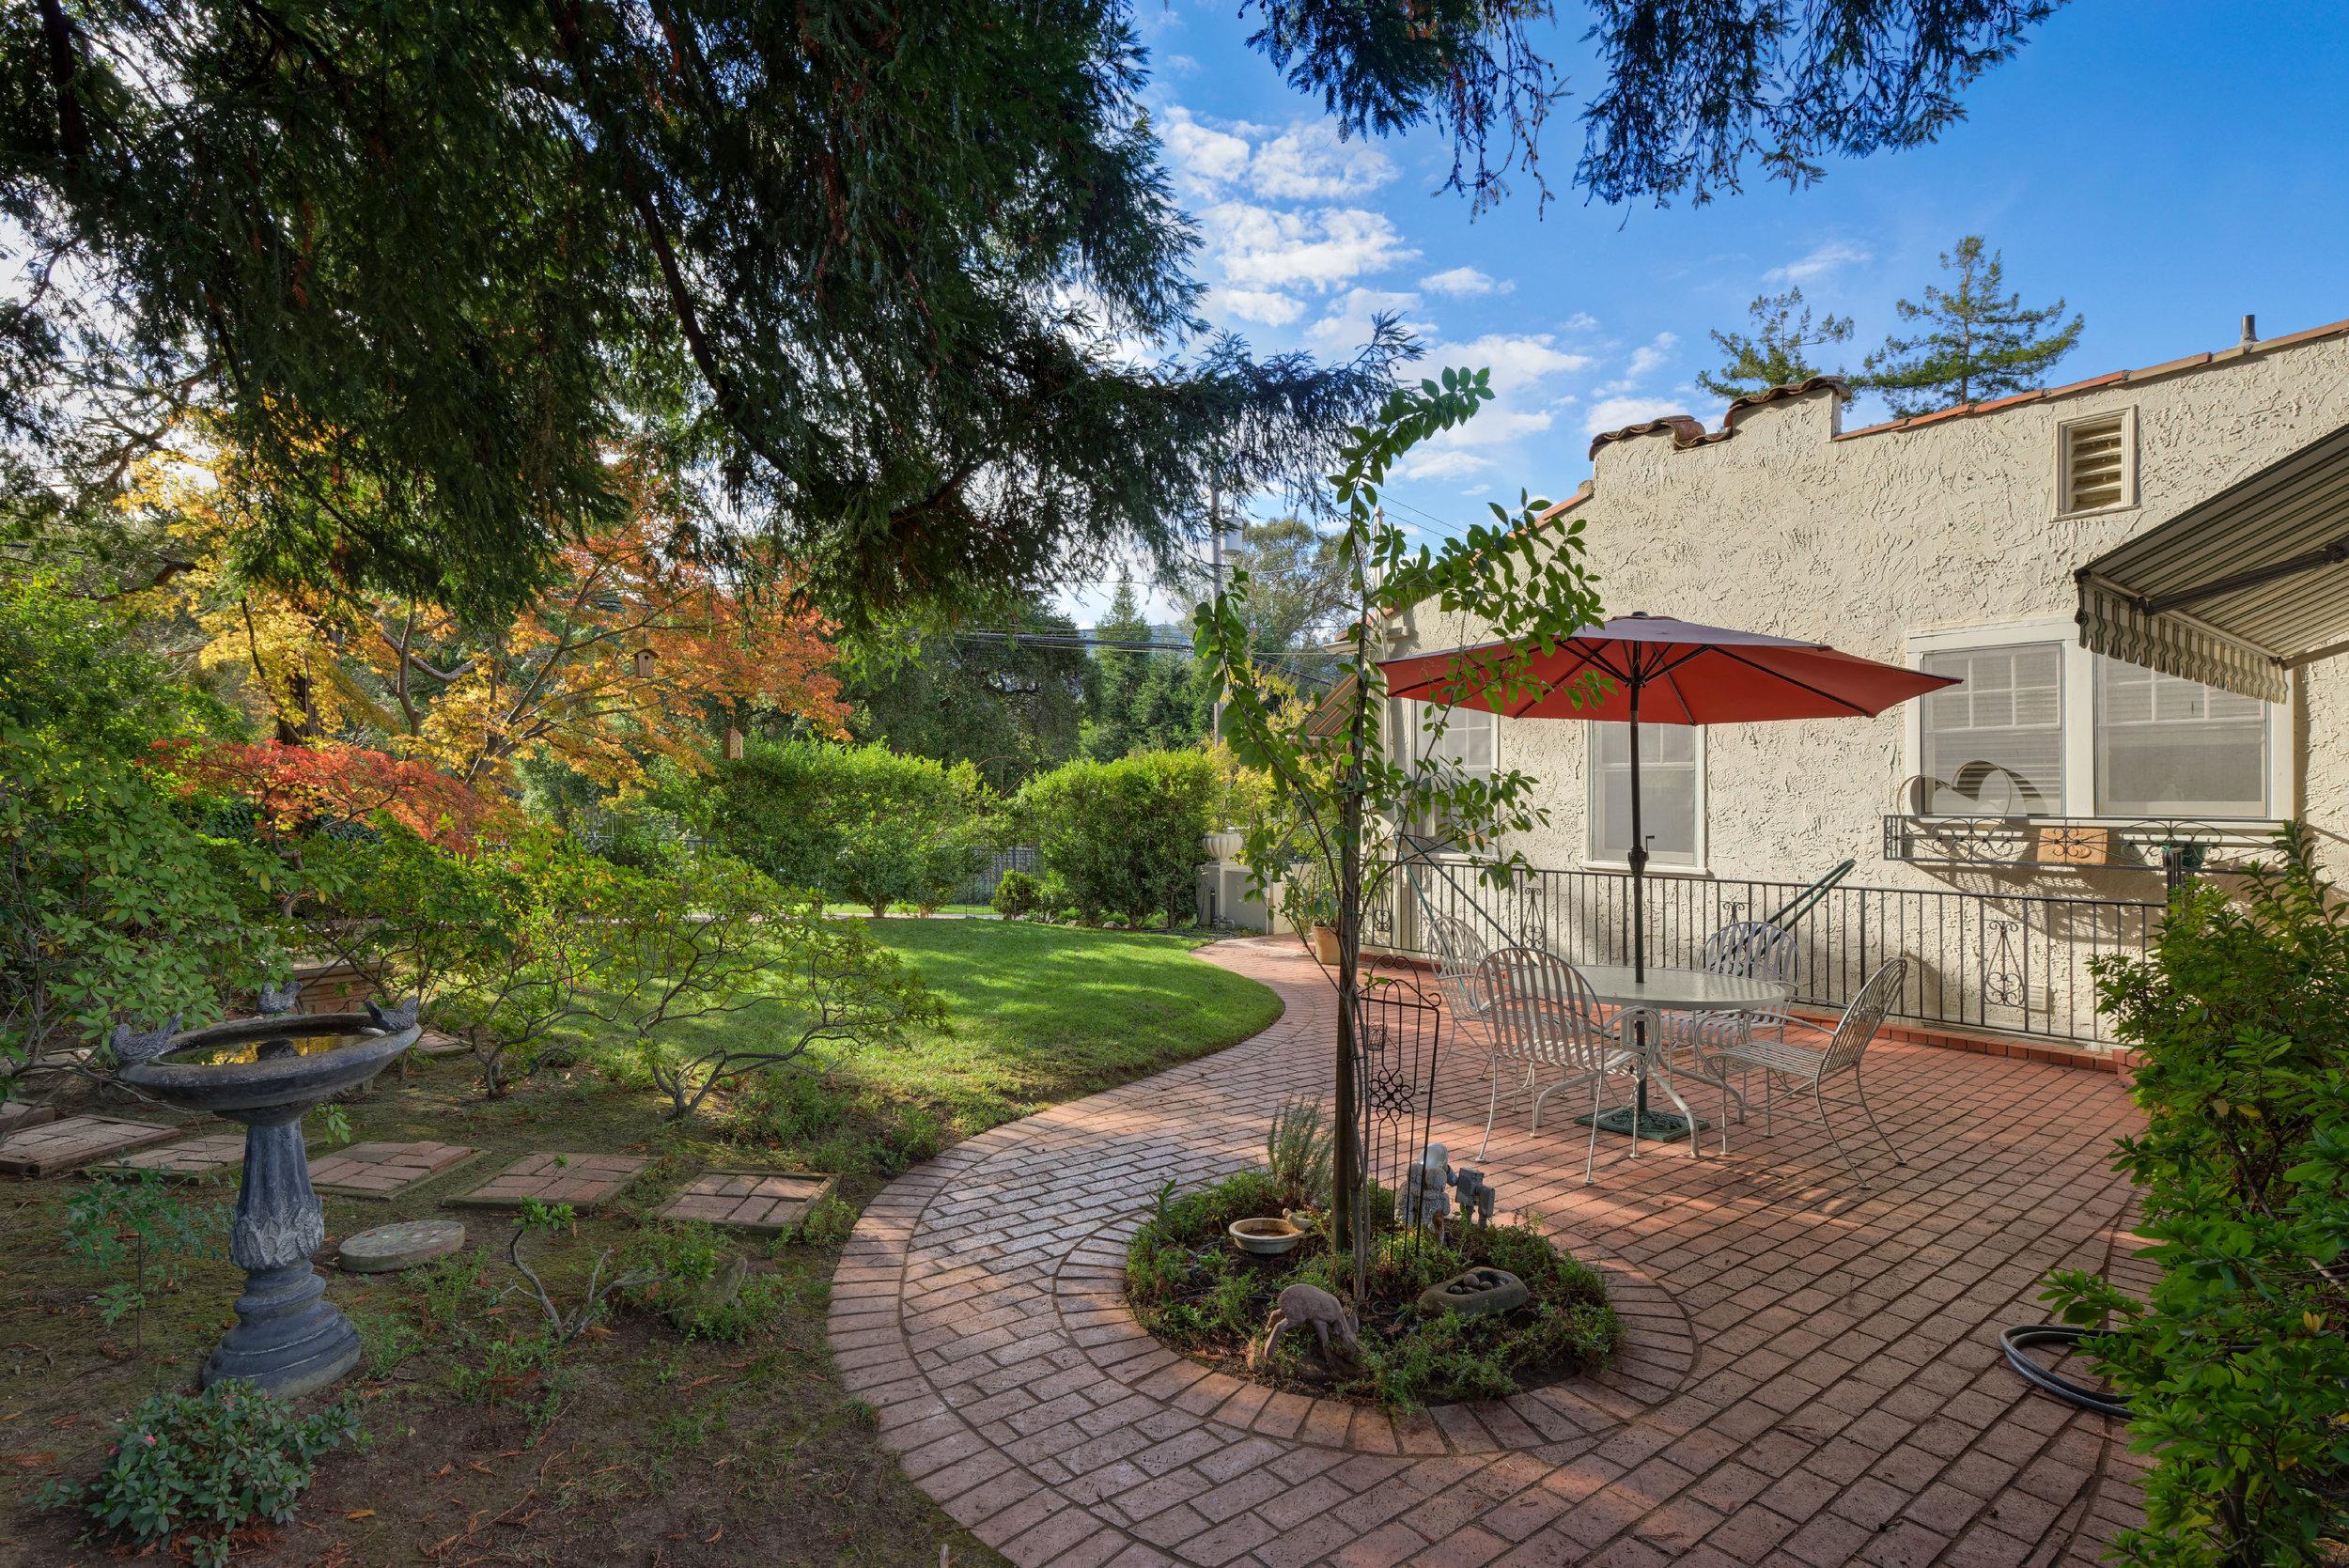 25. Brick patio1.jpg